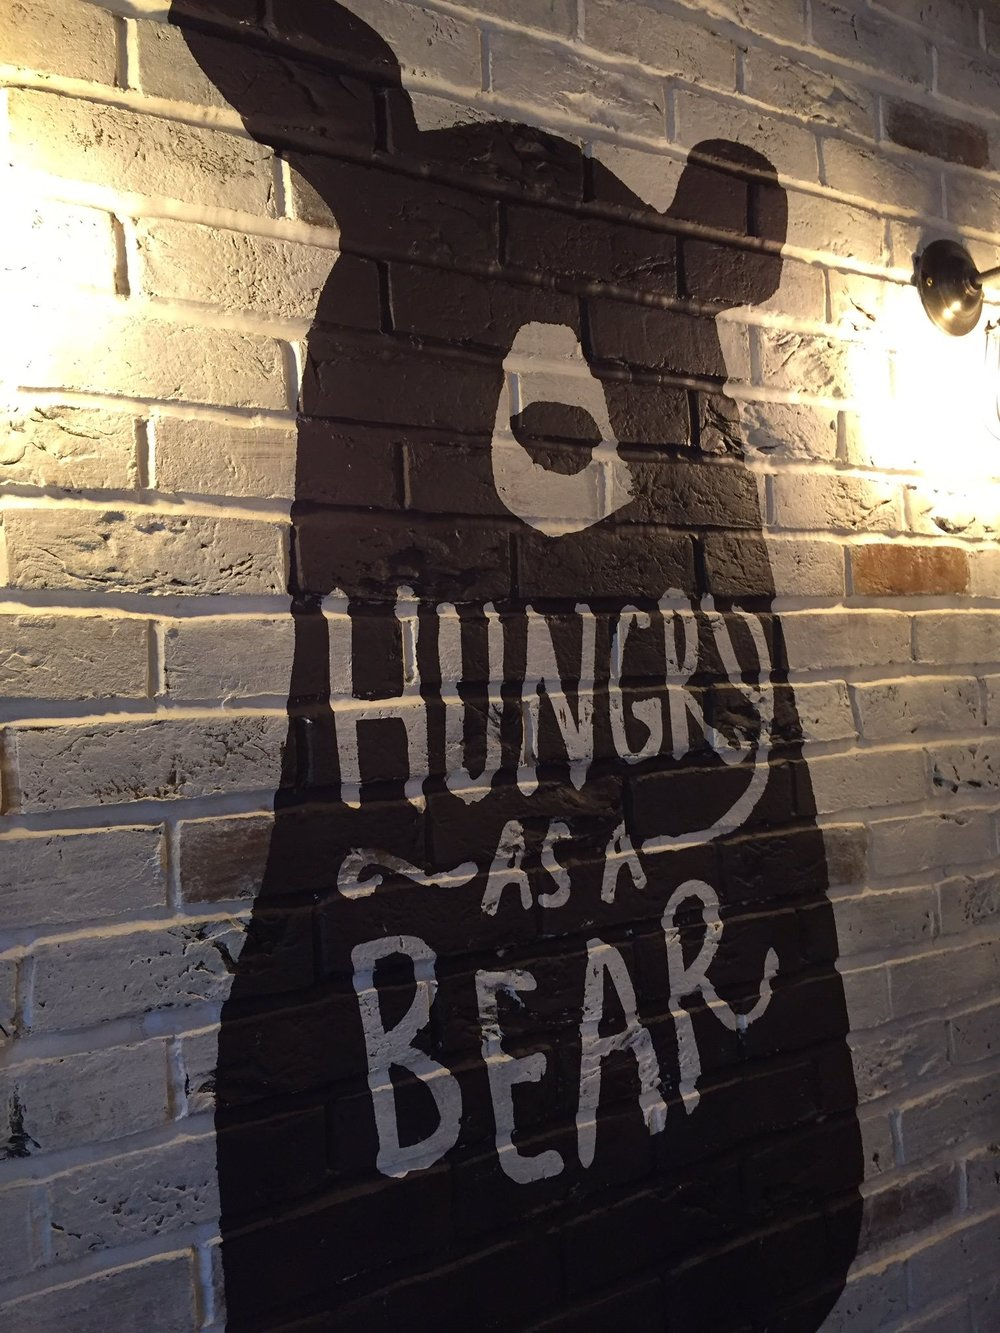 Hungry as a bear.jpg